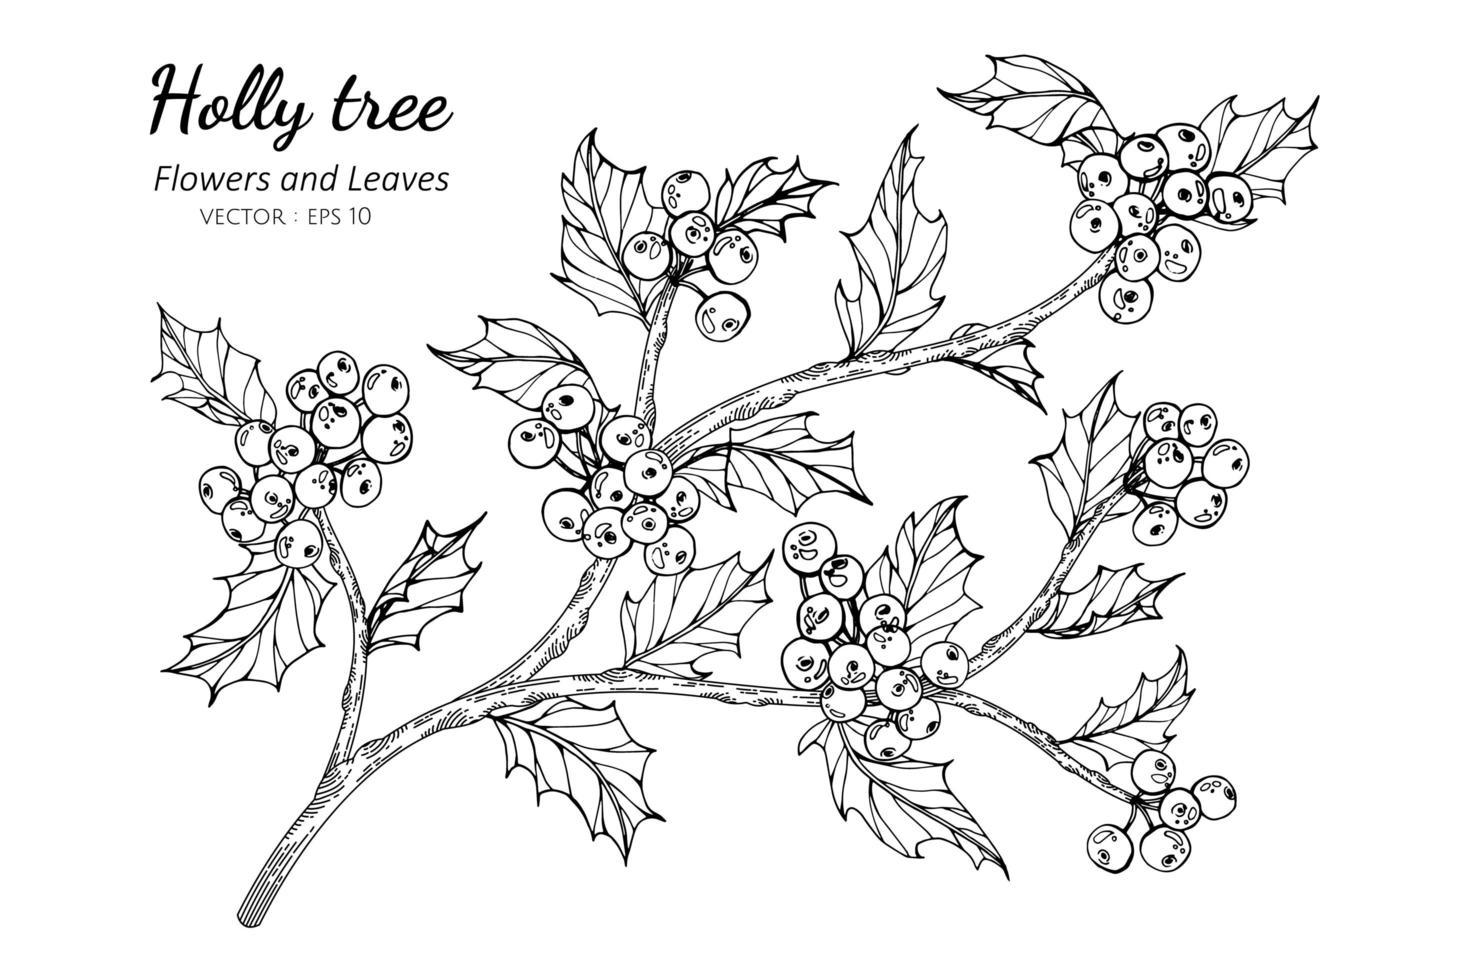 Holly berry and leaf illustration botanique dessinée à la main vecteur